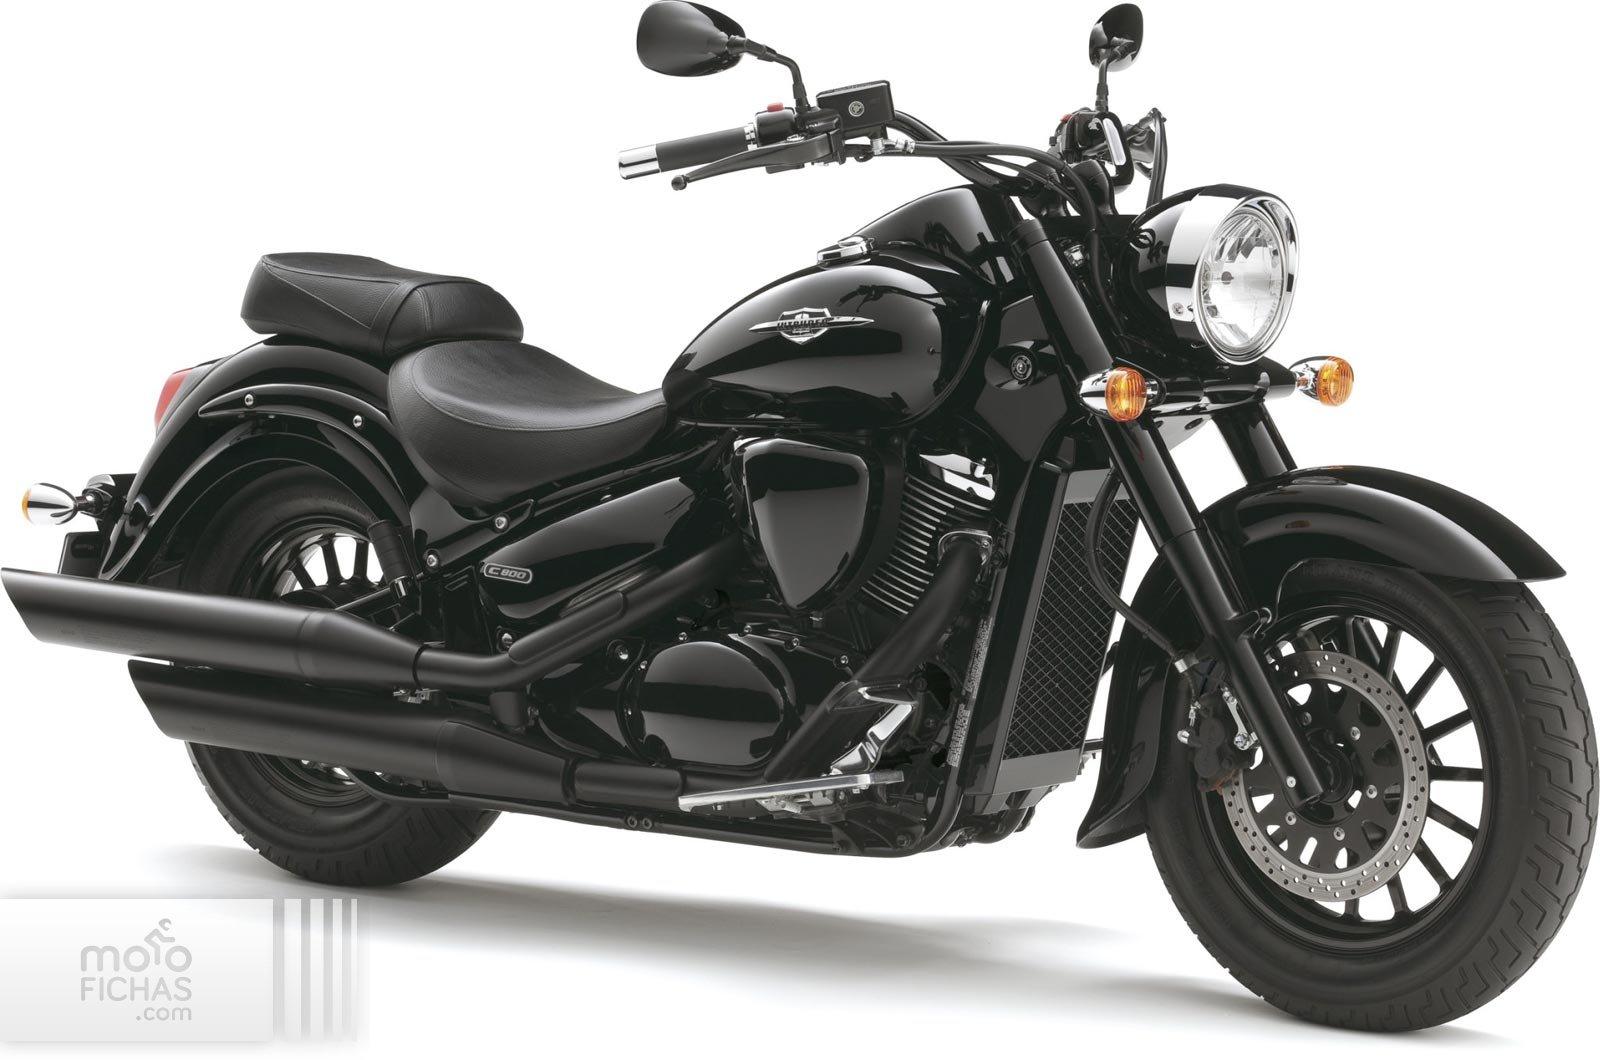 Suzuki intruder c800 black edition precio ficha opiniones y ofertas.